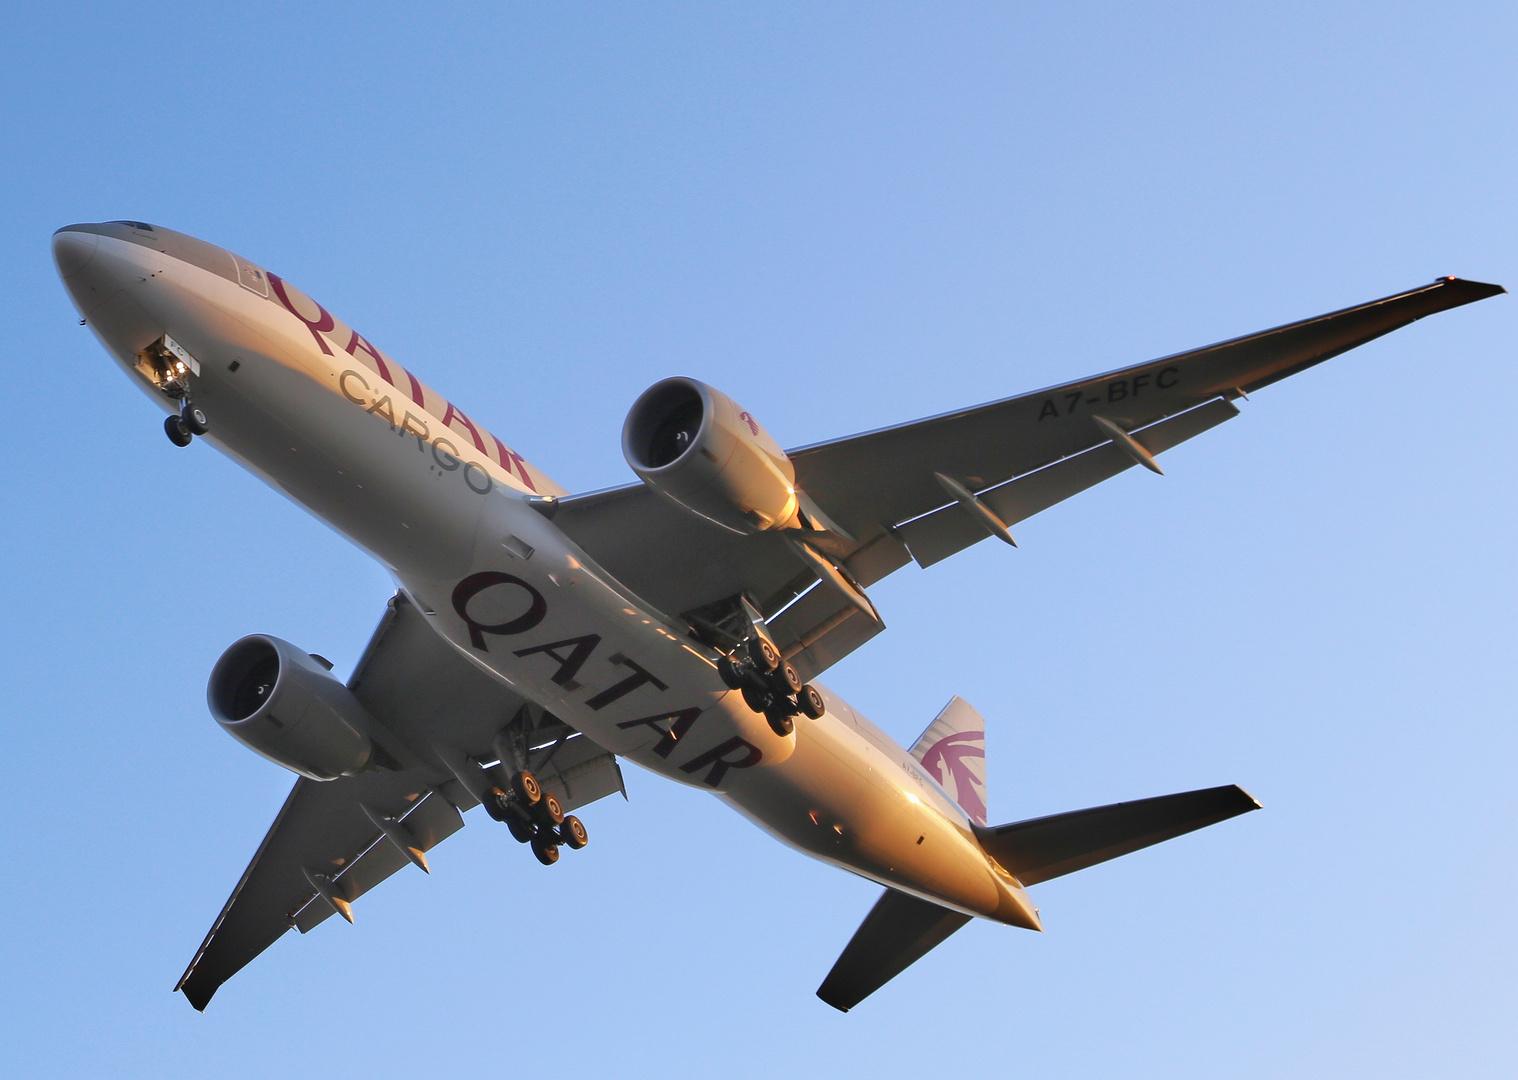 Qatar Cargo im Anflug auf Frankfurt /Main von Westen